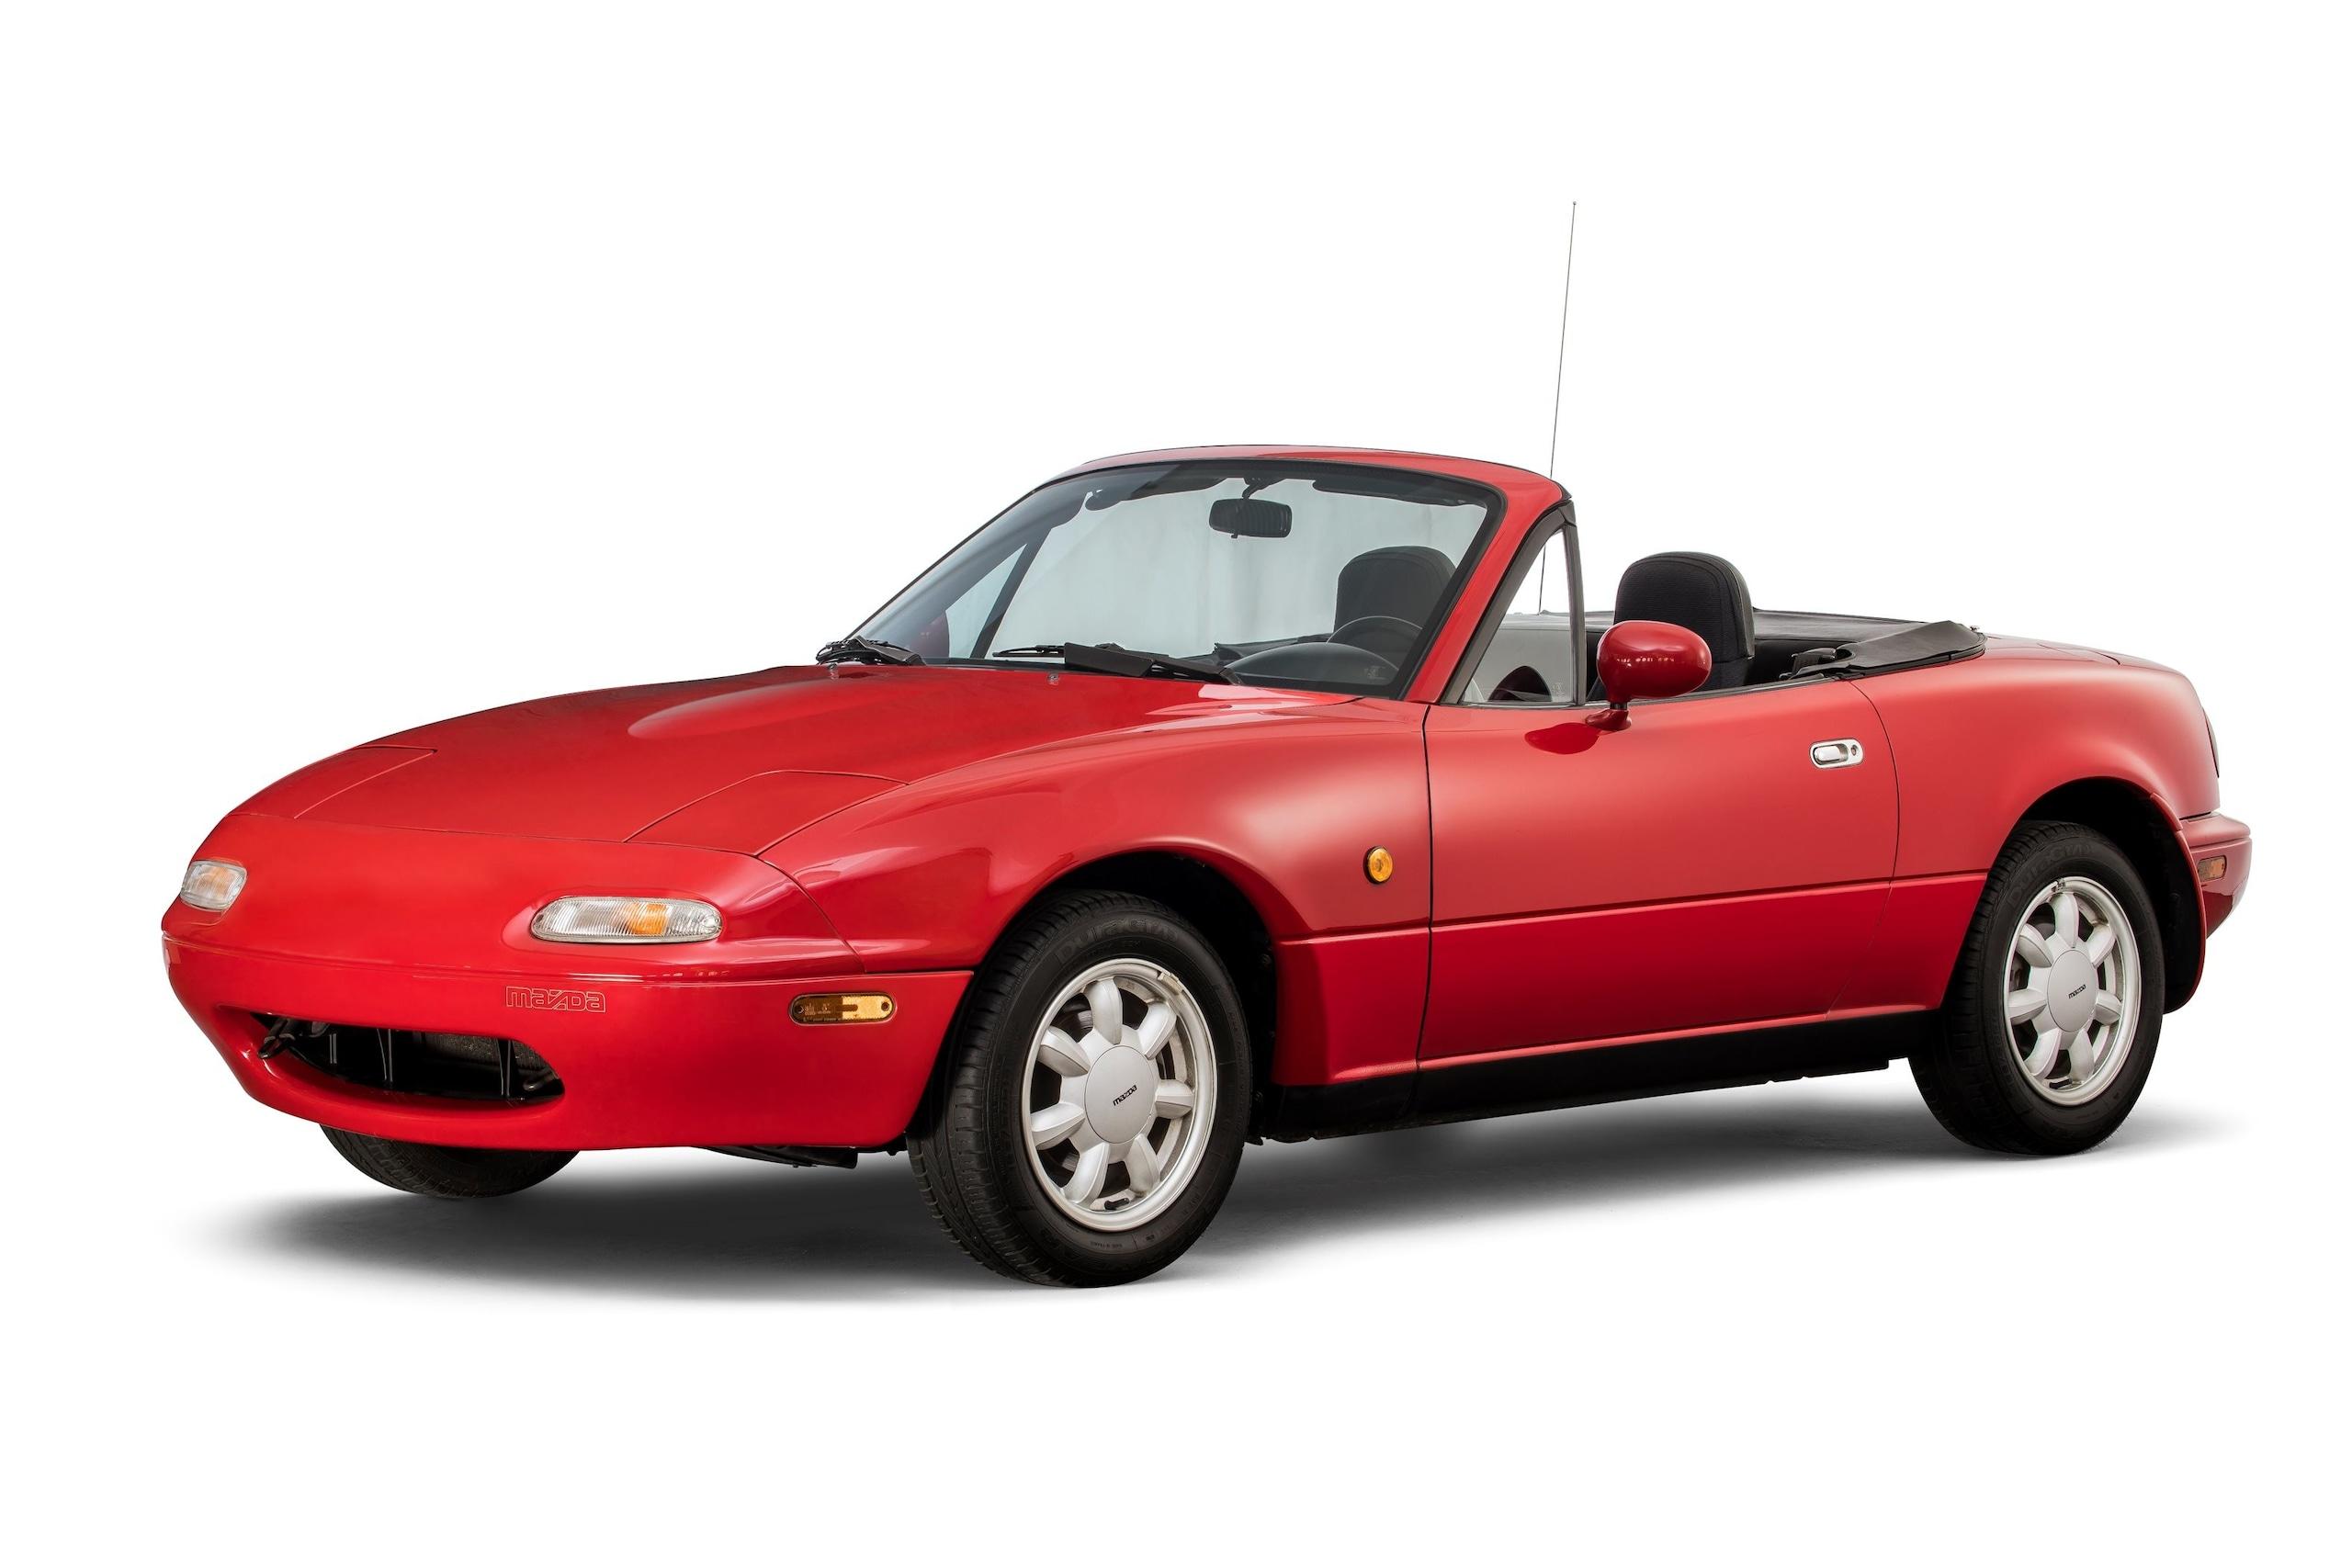 100 anni Mazda: tutti gli scatti